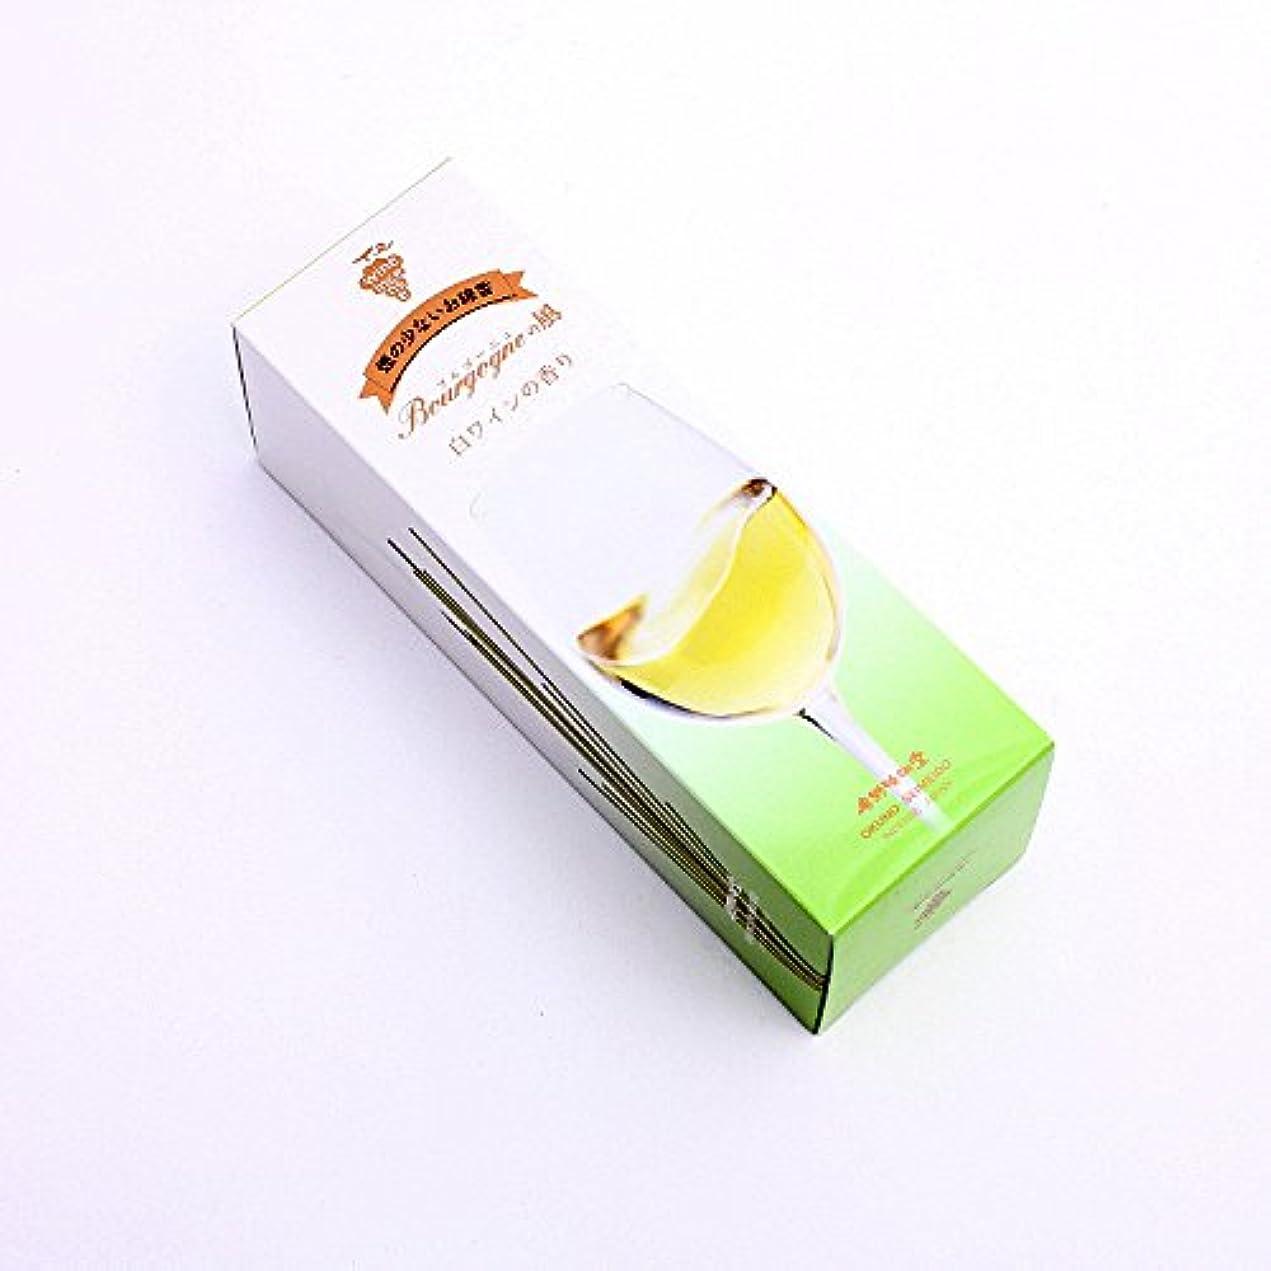 立法地雷原苦悩ワインの香りのお線香 奥野晴明堂 Bourgogne(ブルゴーニュ)の風 白ワインの香り 筒型1本入り 28-2 微煙タイプ